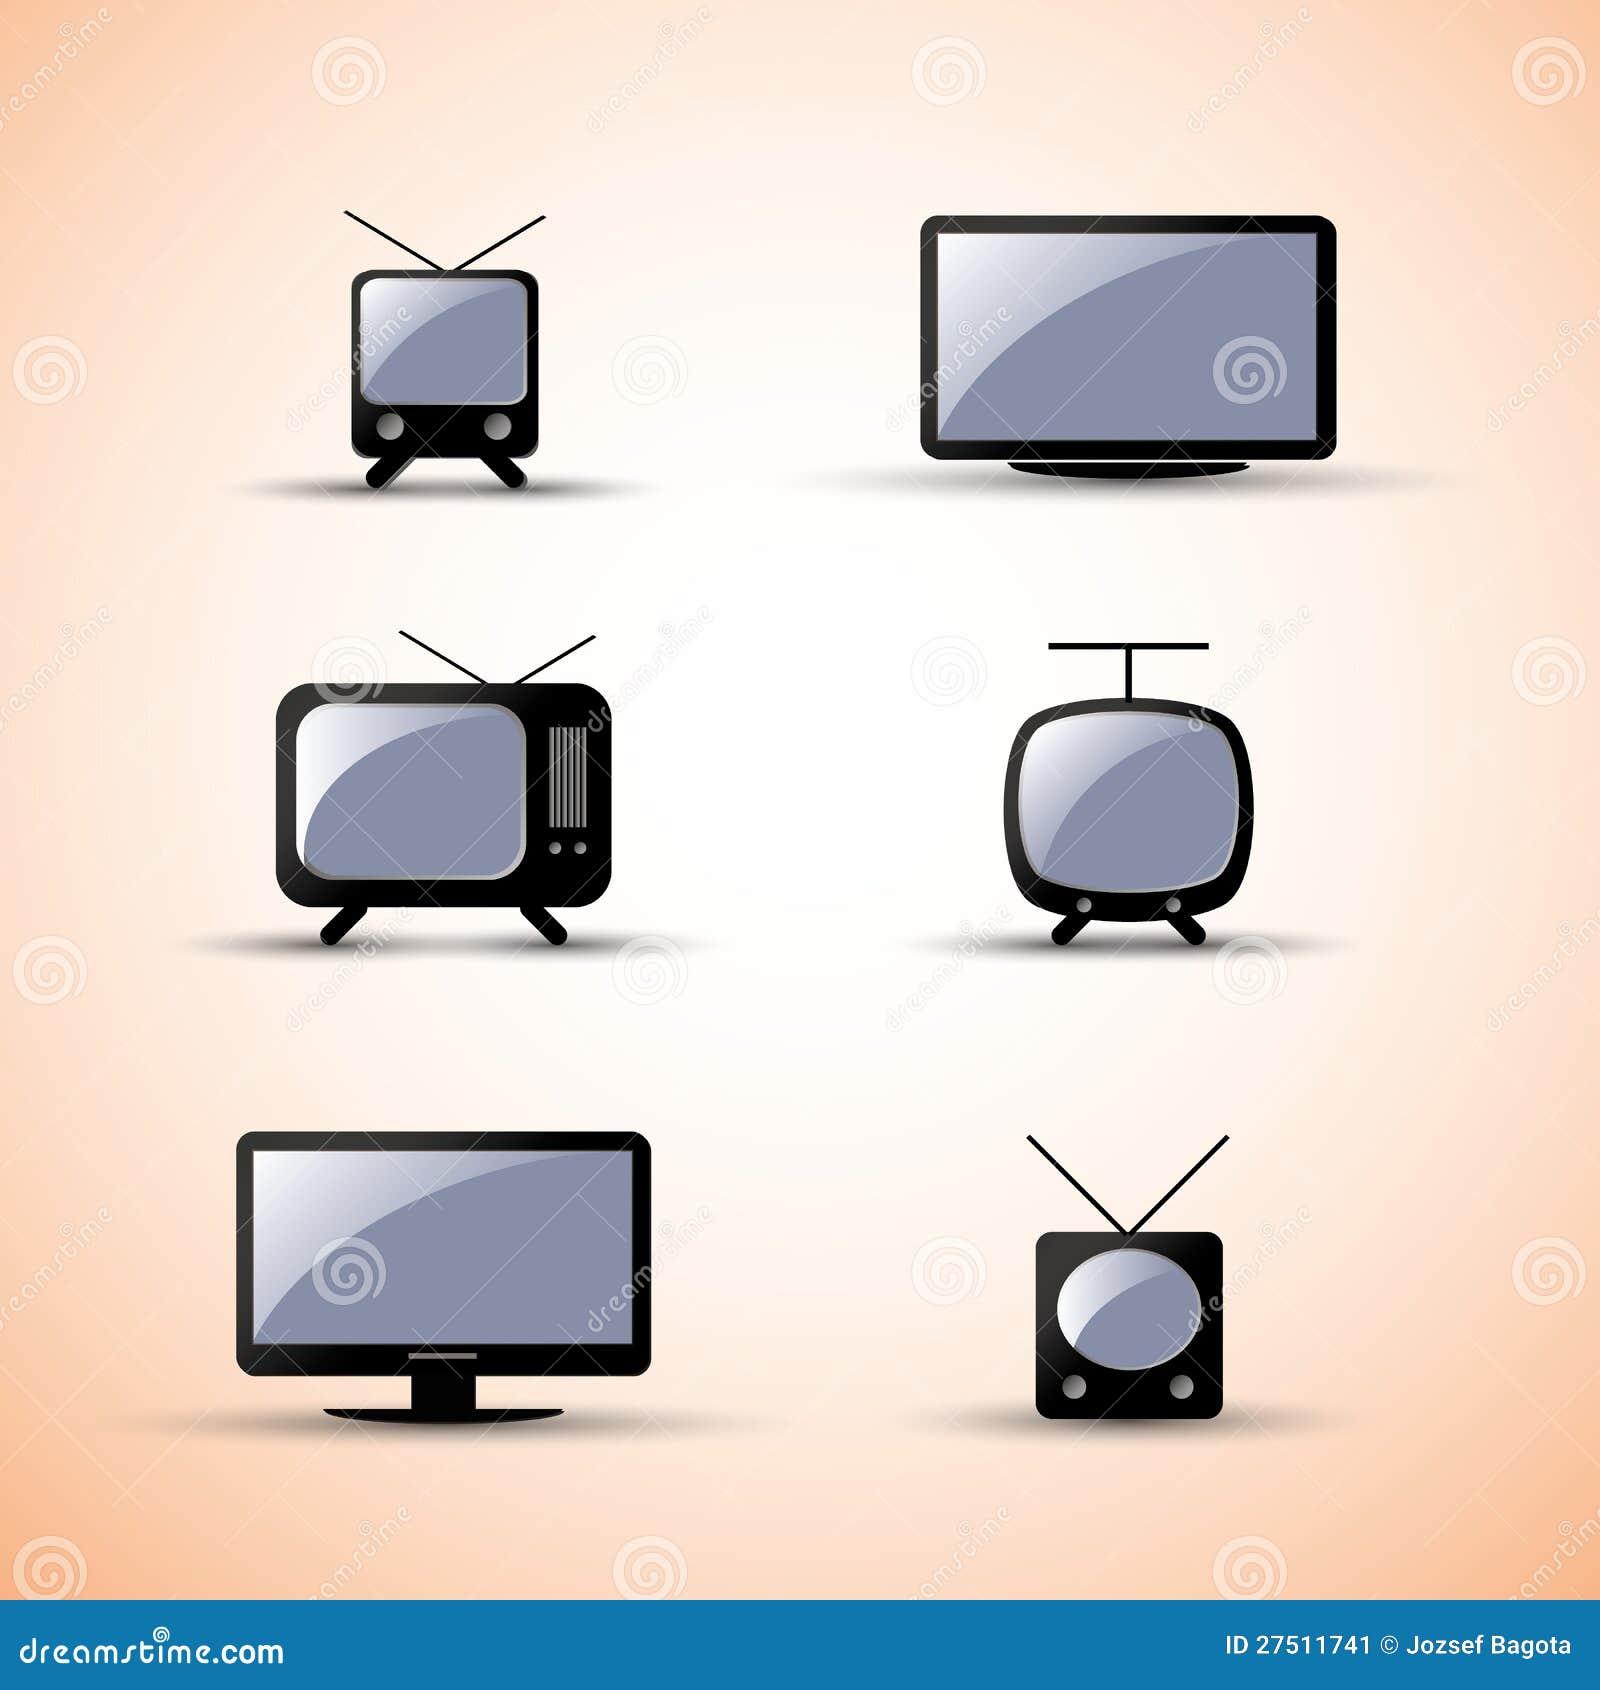 De elementen van het ontwerp van het web communicatie apparaten vector illustratie - Moderne apparaten ...